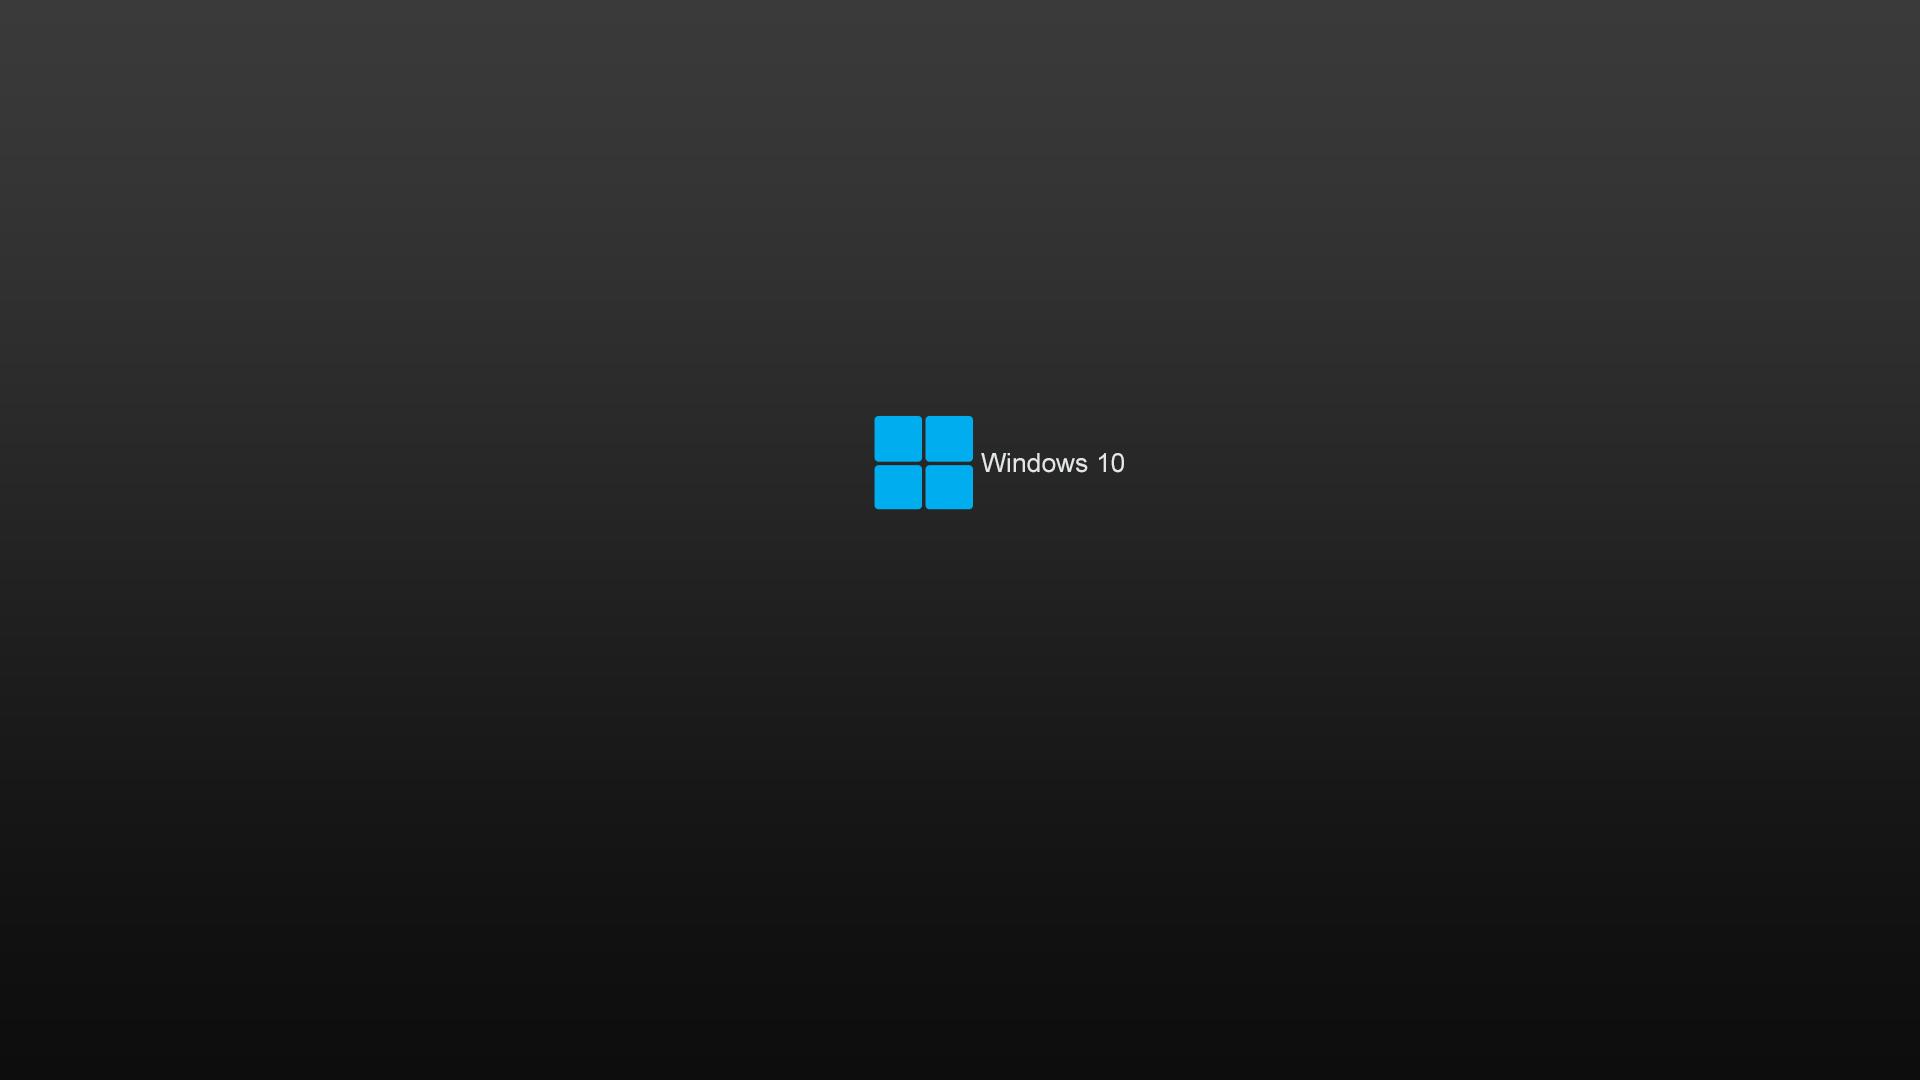 Windows 10 Wallpaper Theme 2e Duvar Kagitlari Duvar Duvar Kagidi